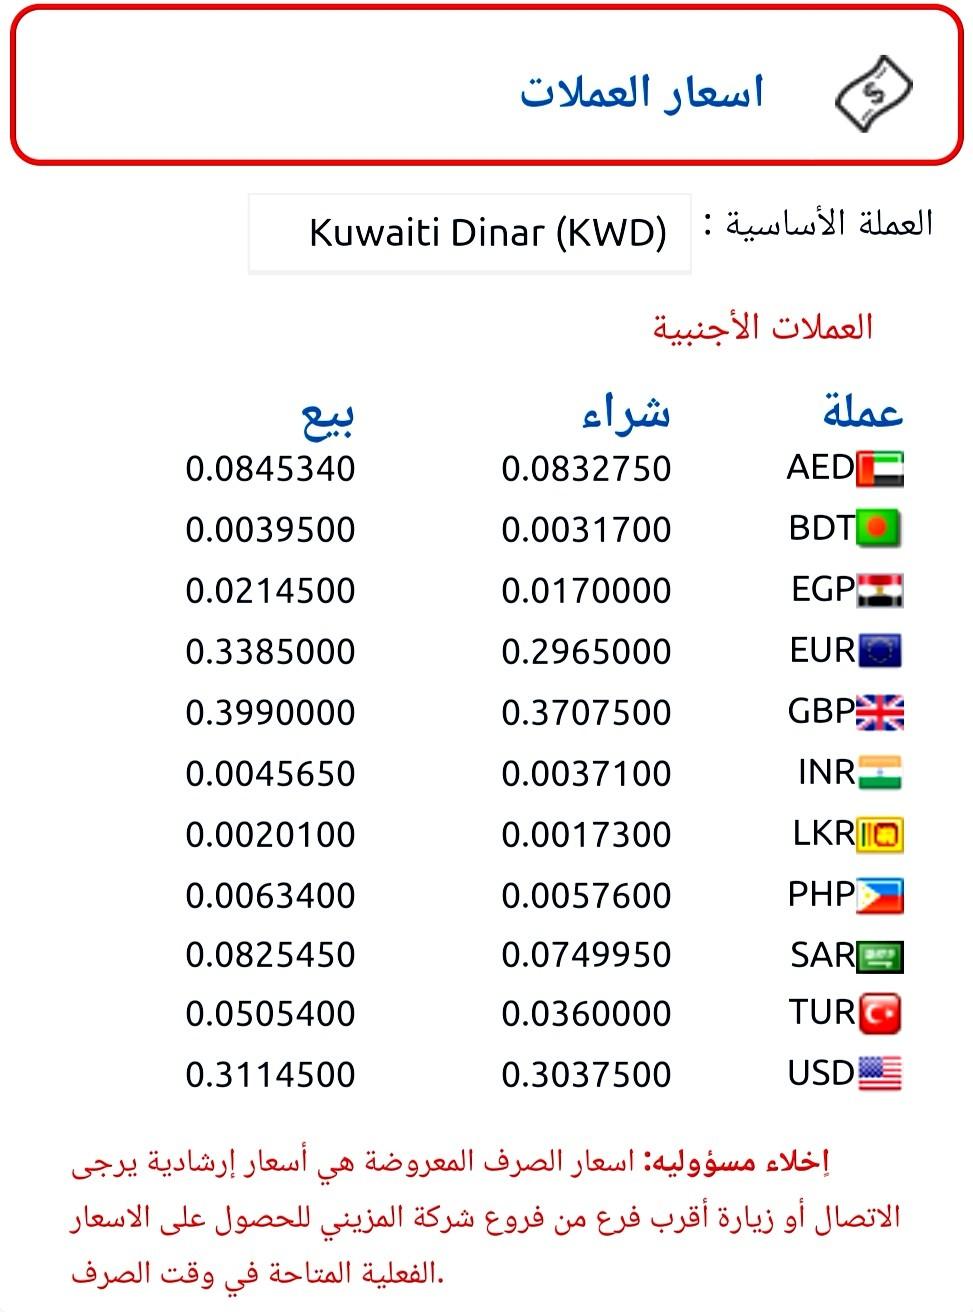 المزيني للصرافة اسعار التحويل اليوم سعر صرف الدينار مقابل العملات الخميس ٧ مايو